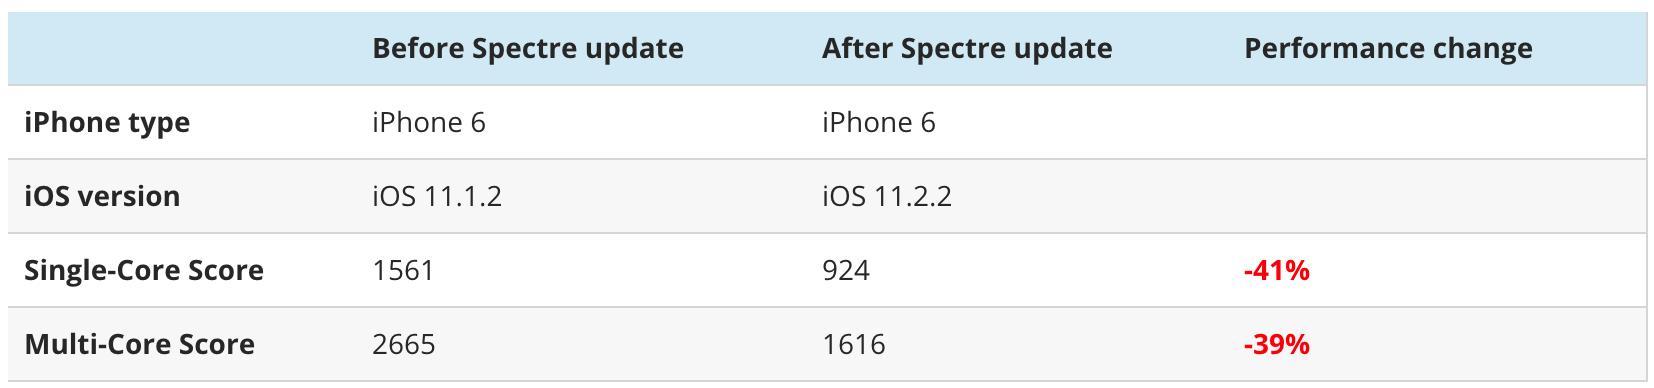 ios 11.1.2 vs ios 11.2.2